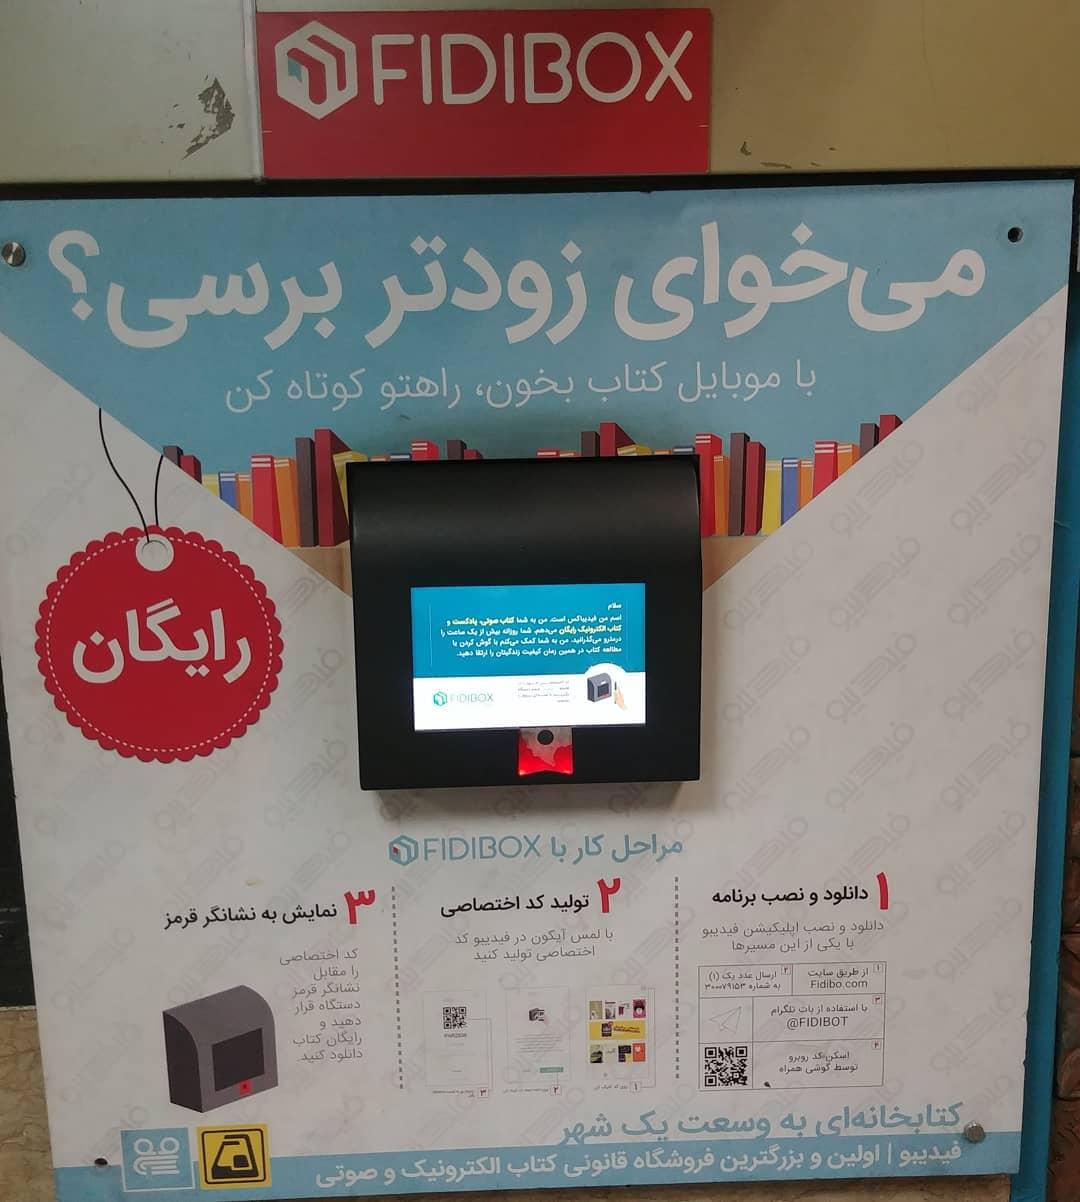 چه کشف جالبی   کتابخوانی رایگان در متروی تهران اما افسوس که کسی بهش توجه نمی کرد 2